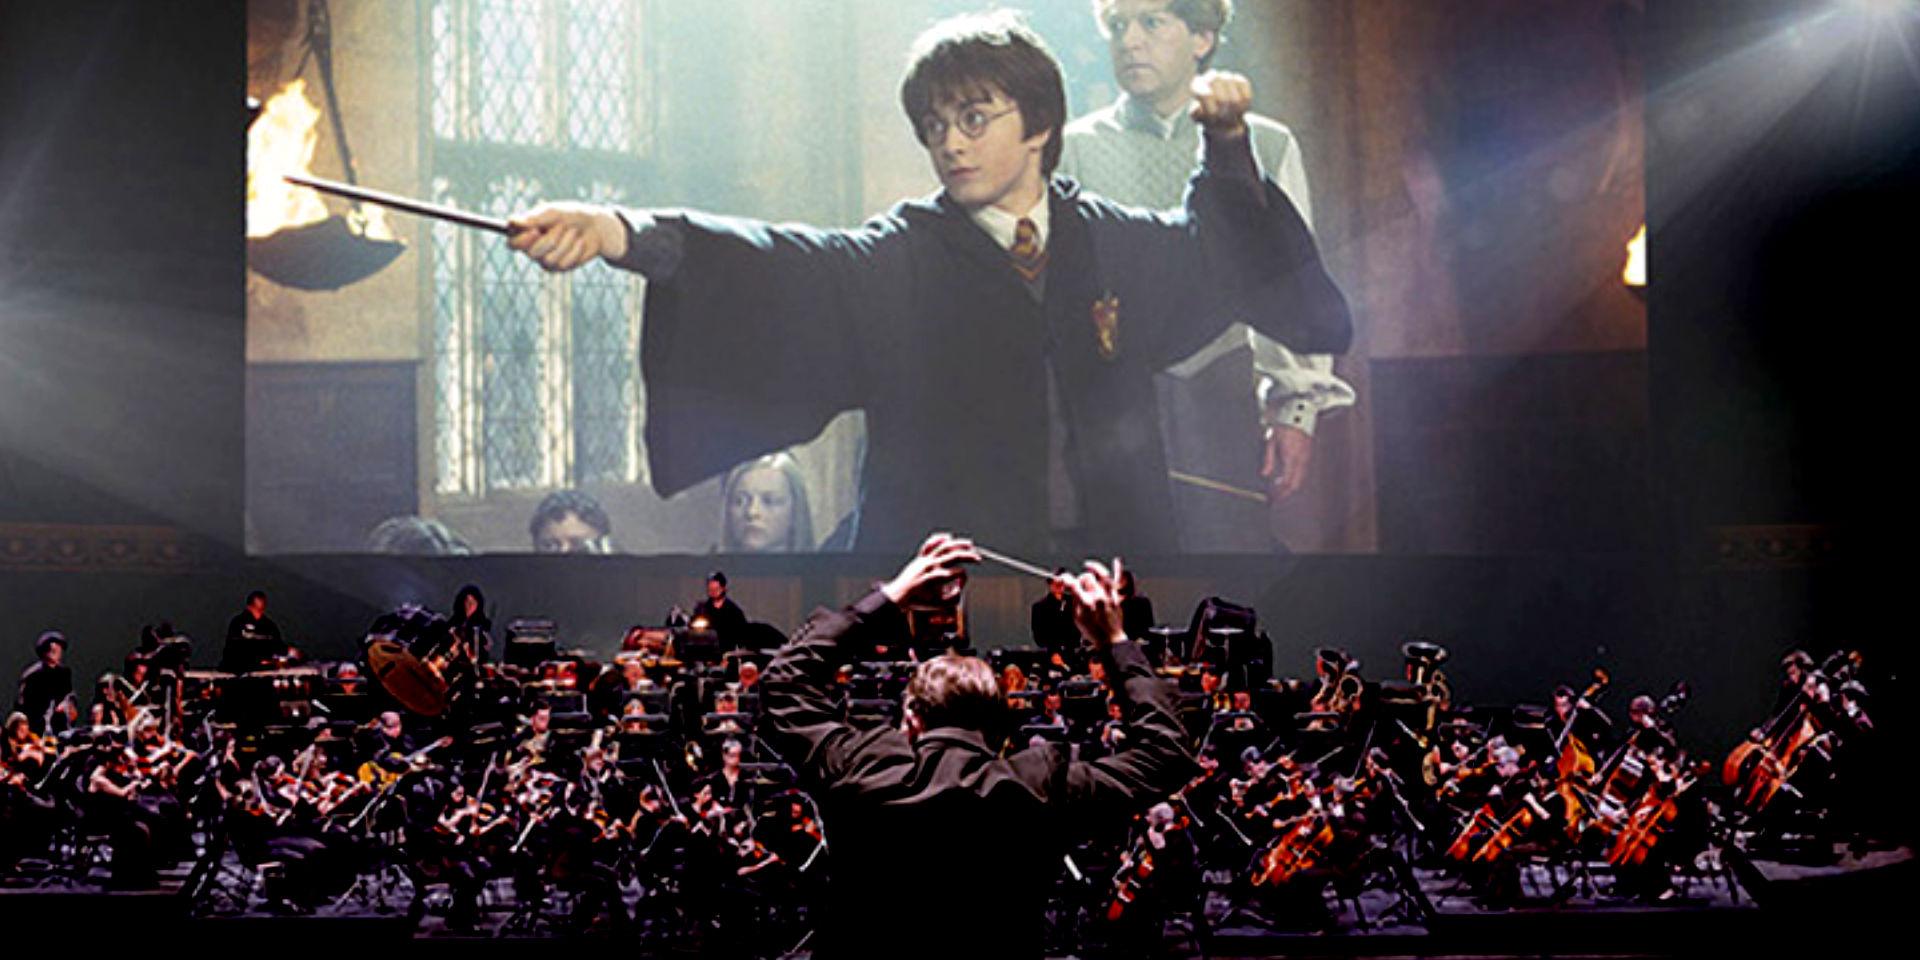 Harry potter e la camera dei segreti live leganerd for Camera dei deputati live